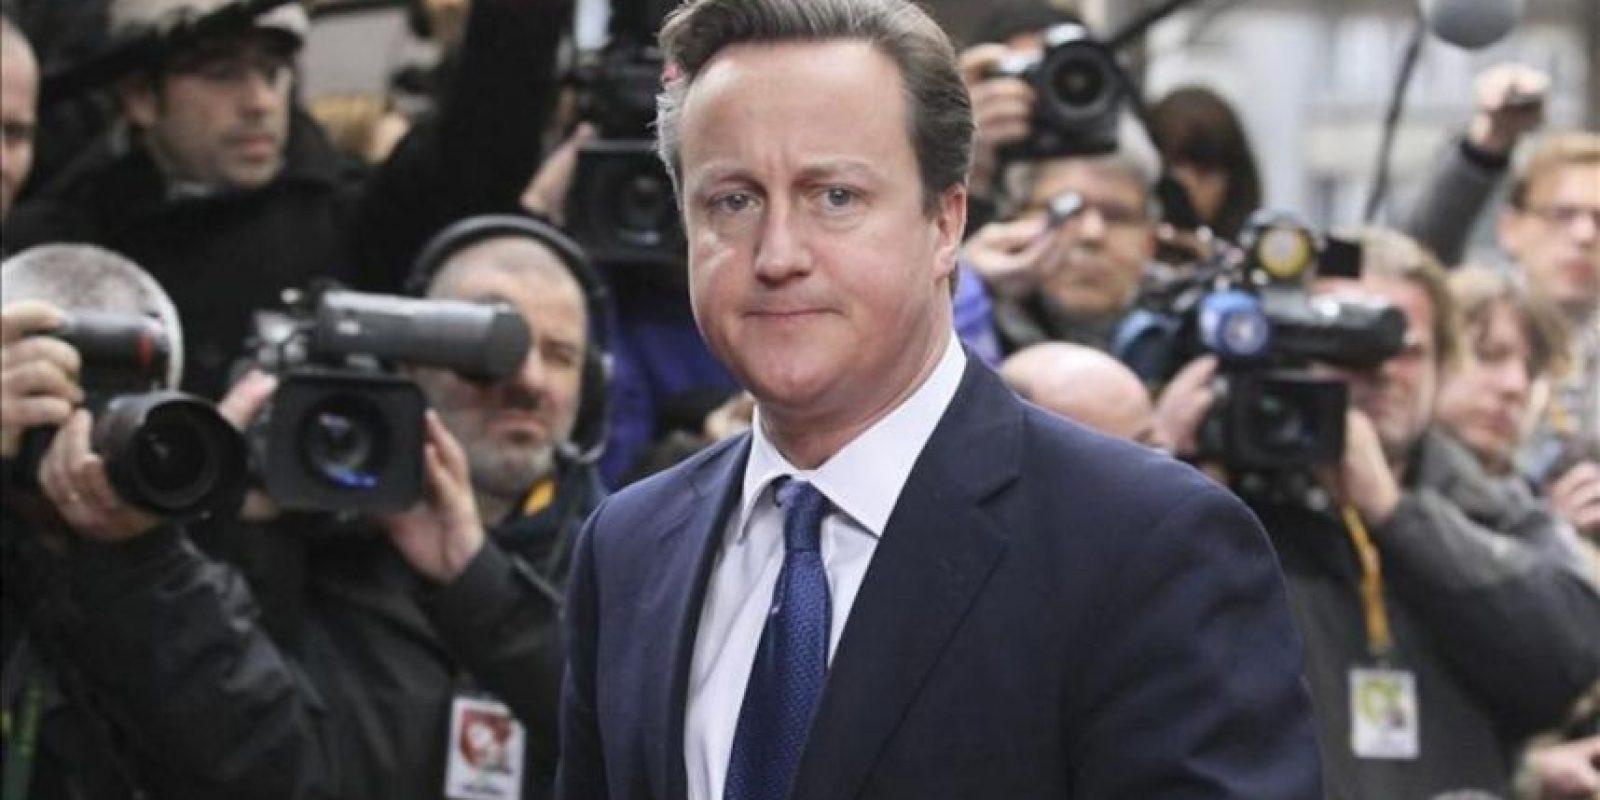 El primer ministro británico, David Cameron, a su llegada a la reunión con el presidente del Consejo Europeo, Herman Van Rompuy, durante la segunda jornada de la de la cumbre extraordinaria sobre el presupuesto para 2014-2020 en Bruselas (Bélgica) hoy. EFE